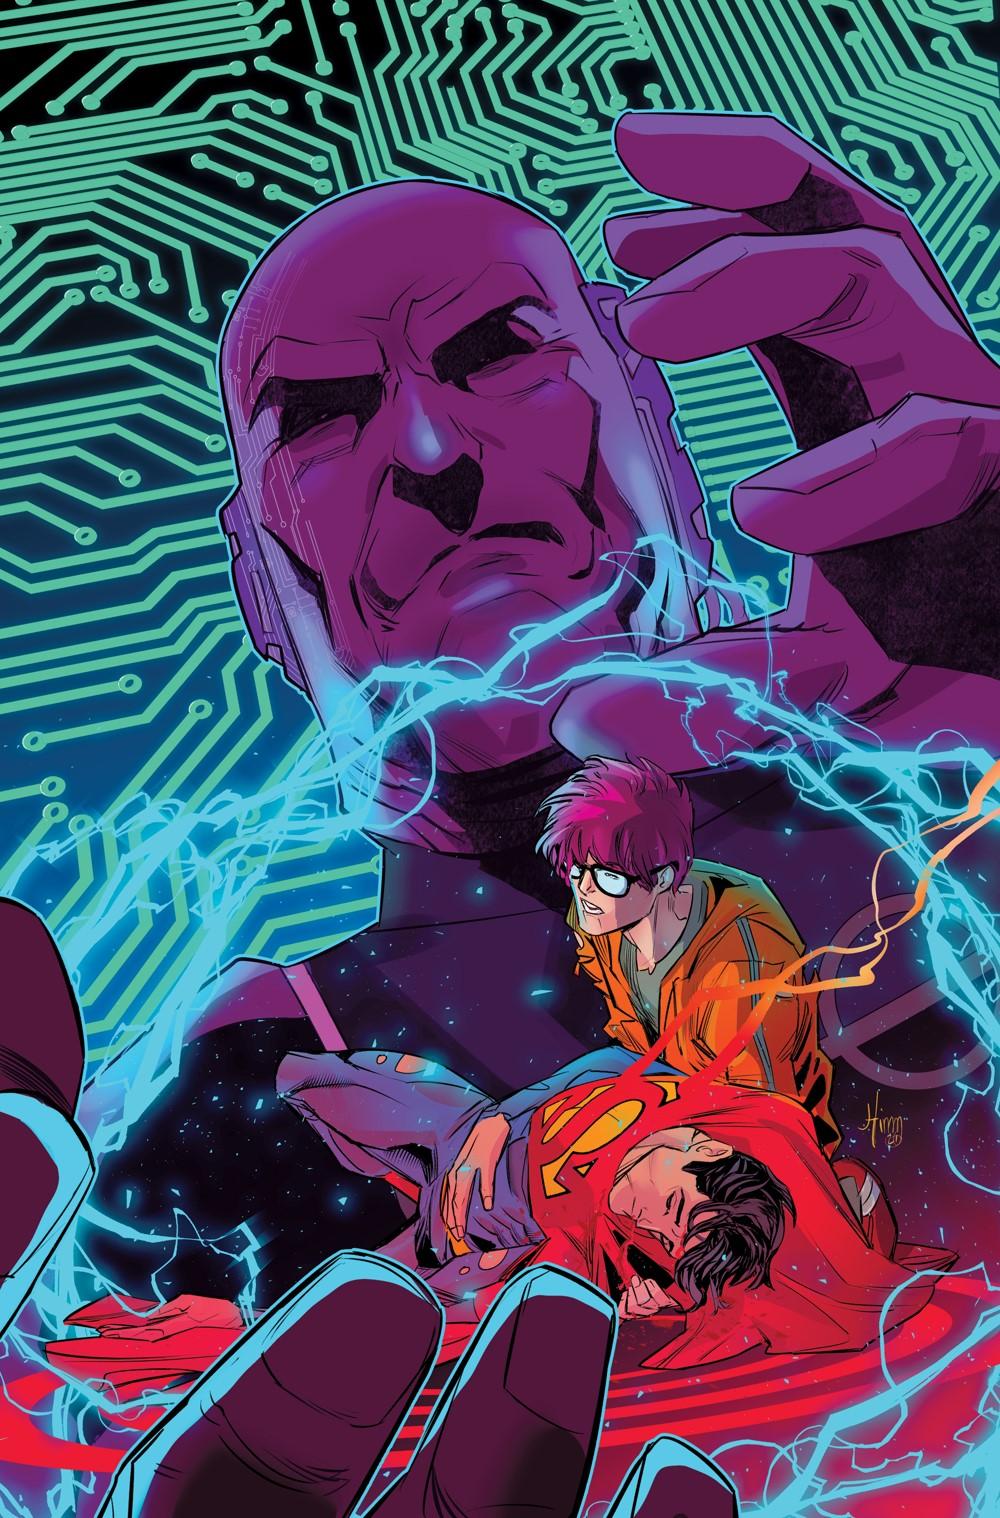 Superman-Son-of-Kal-El-Cv5 DC Comics November 2021 Solicitations